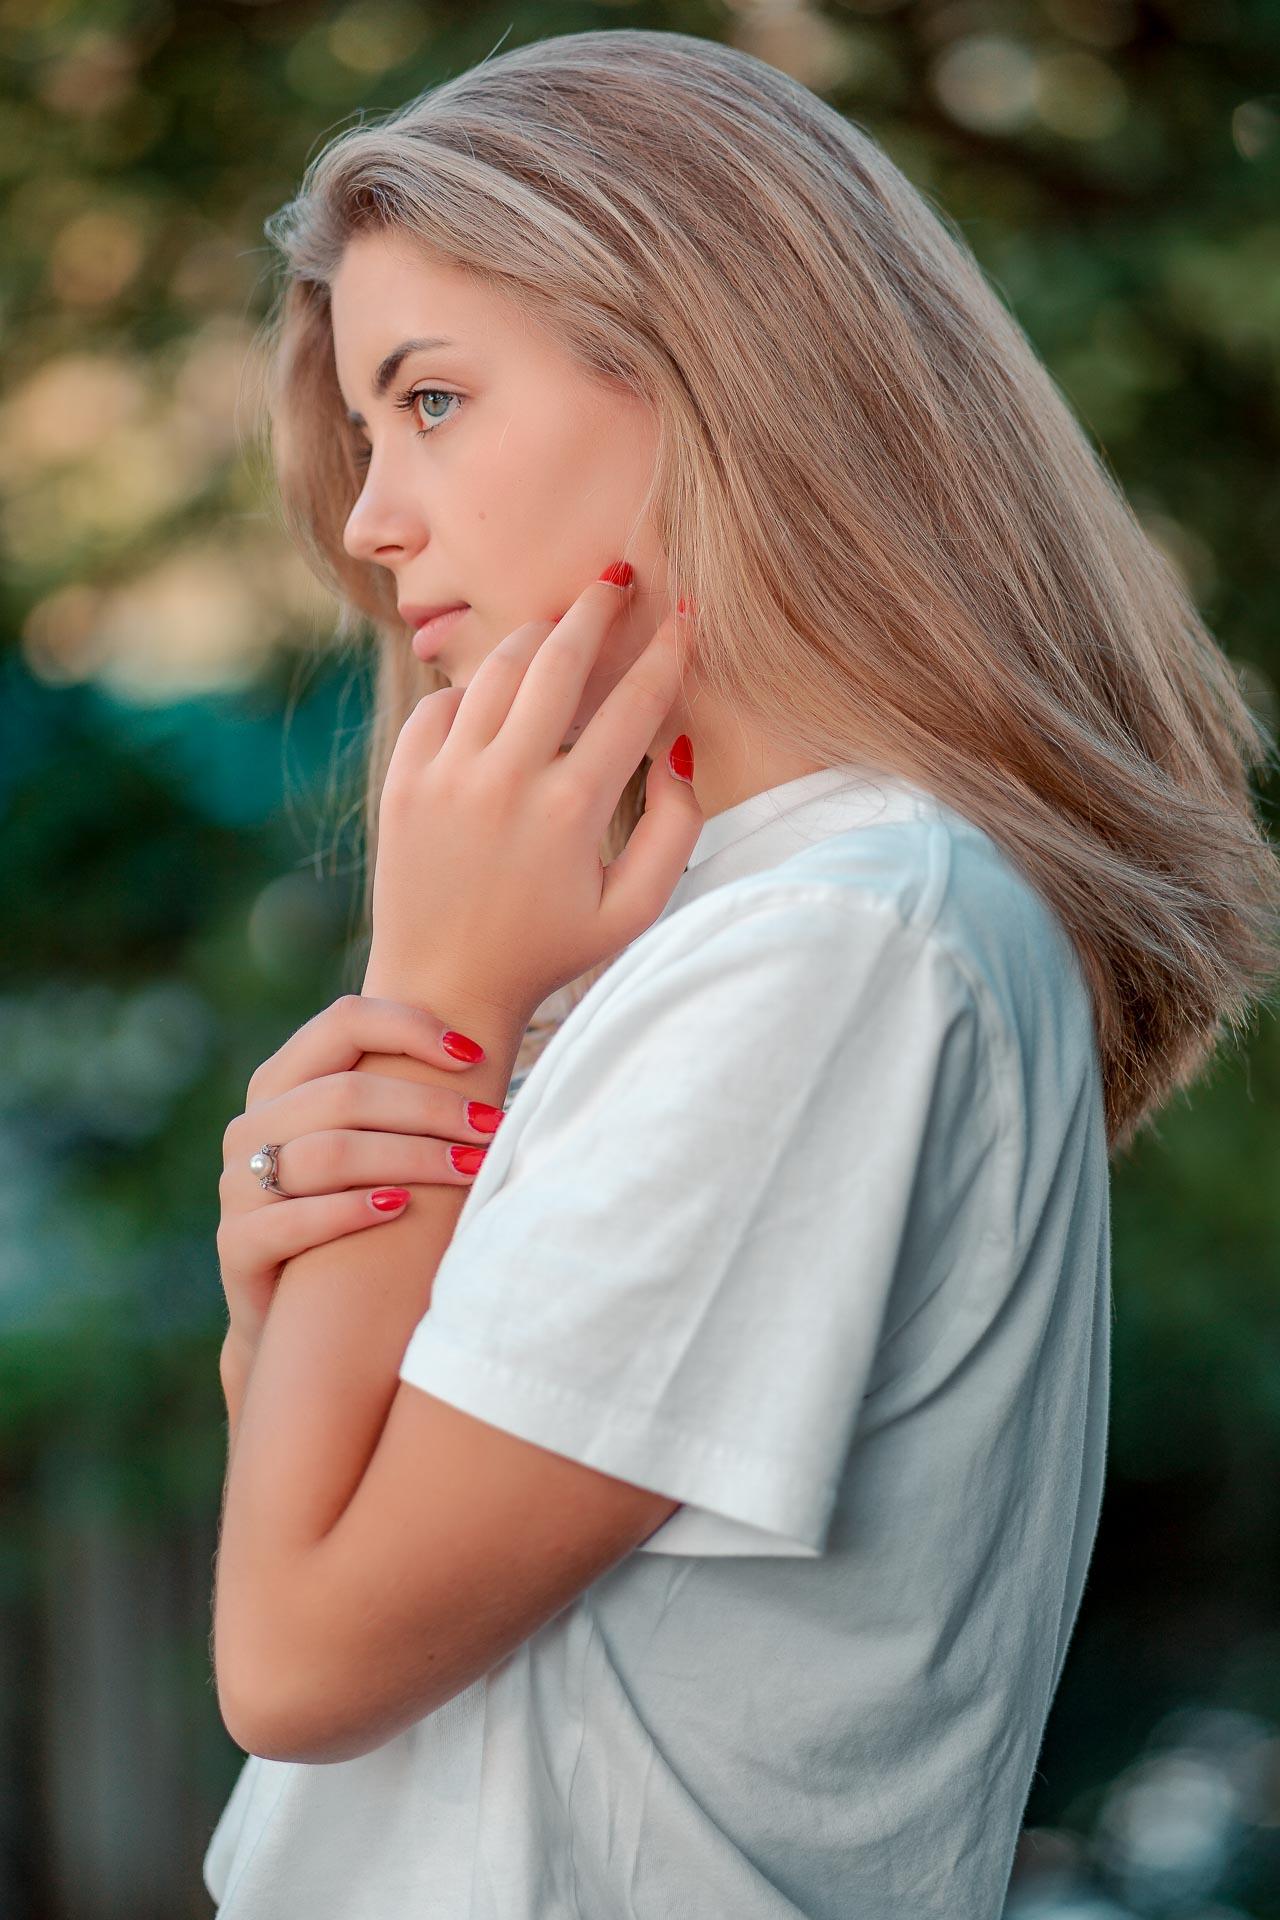 Sophie Portrait von der Seite